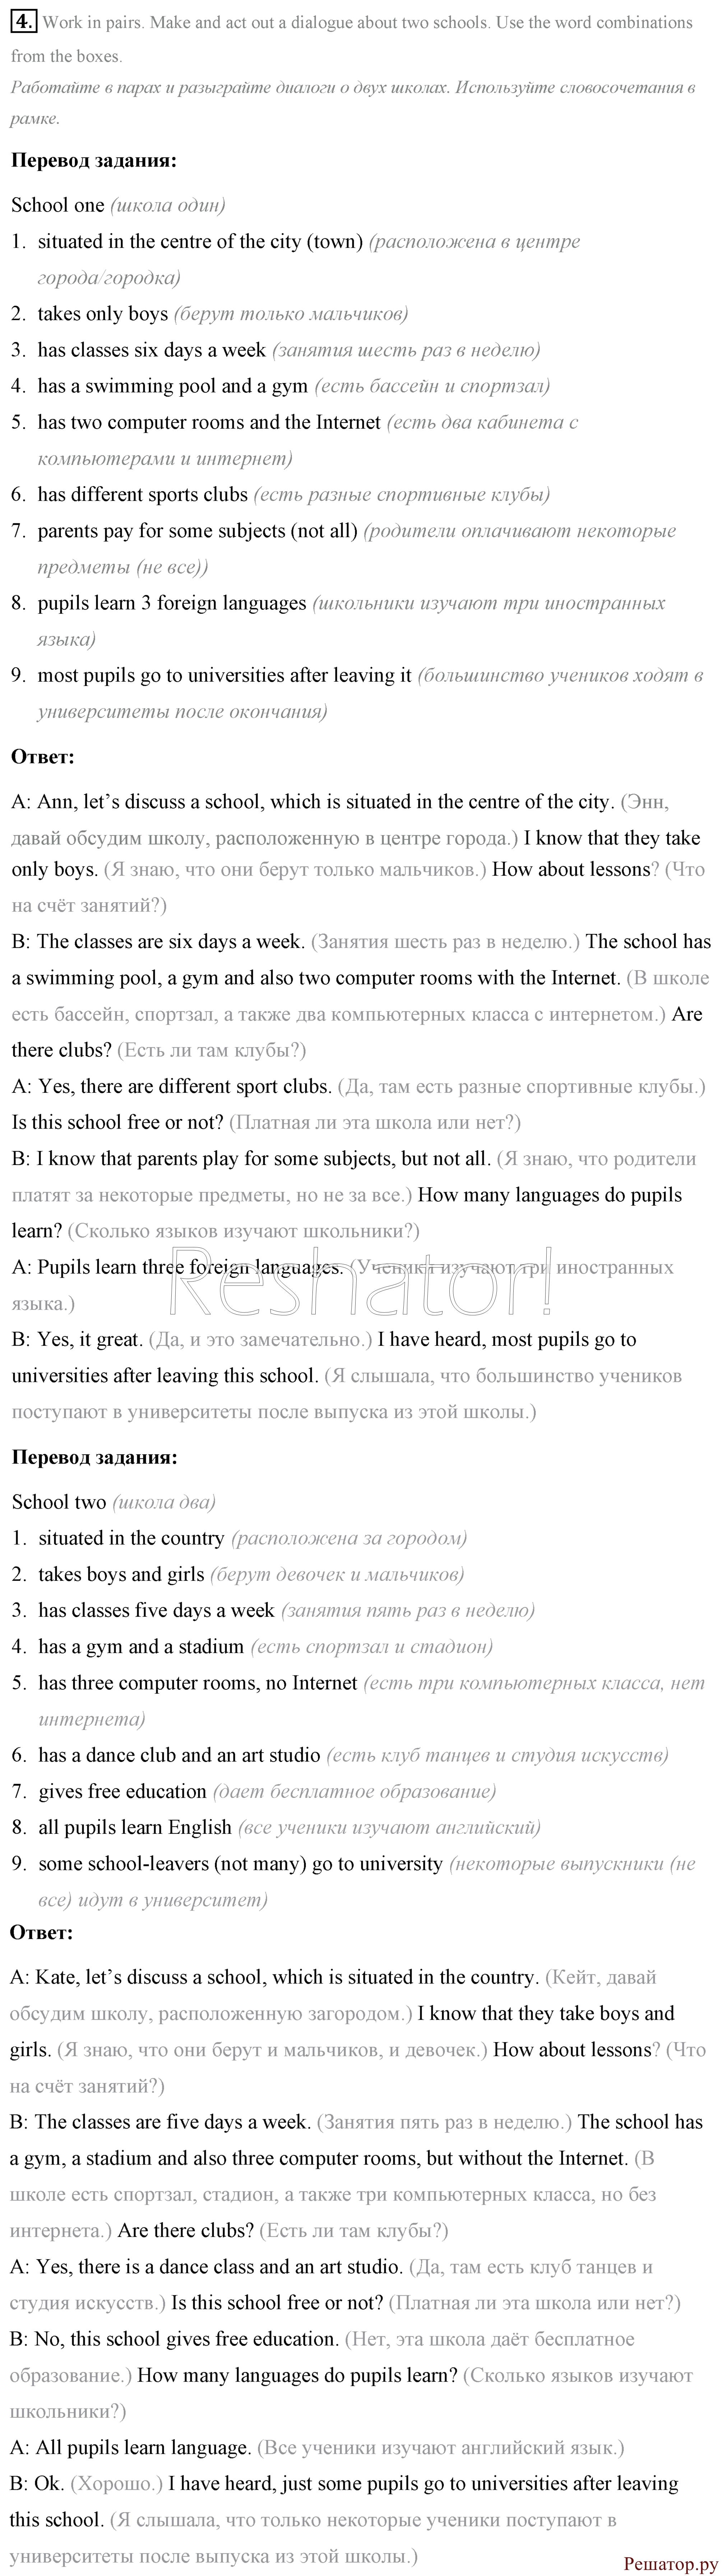 гдз по английскому языку раинбов инглиш 9